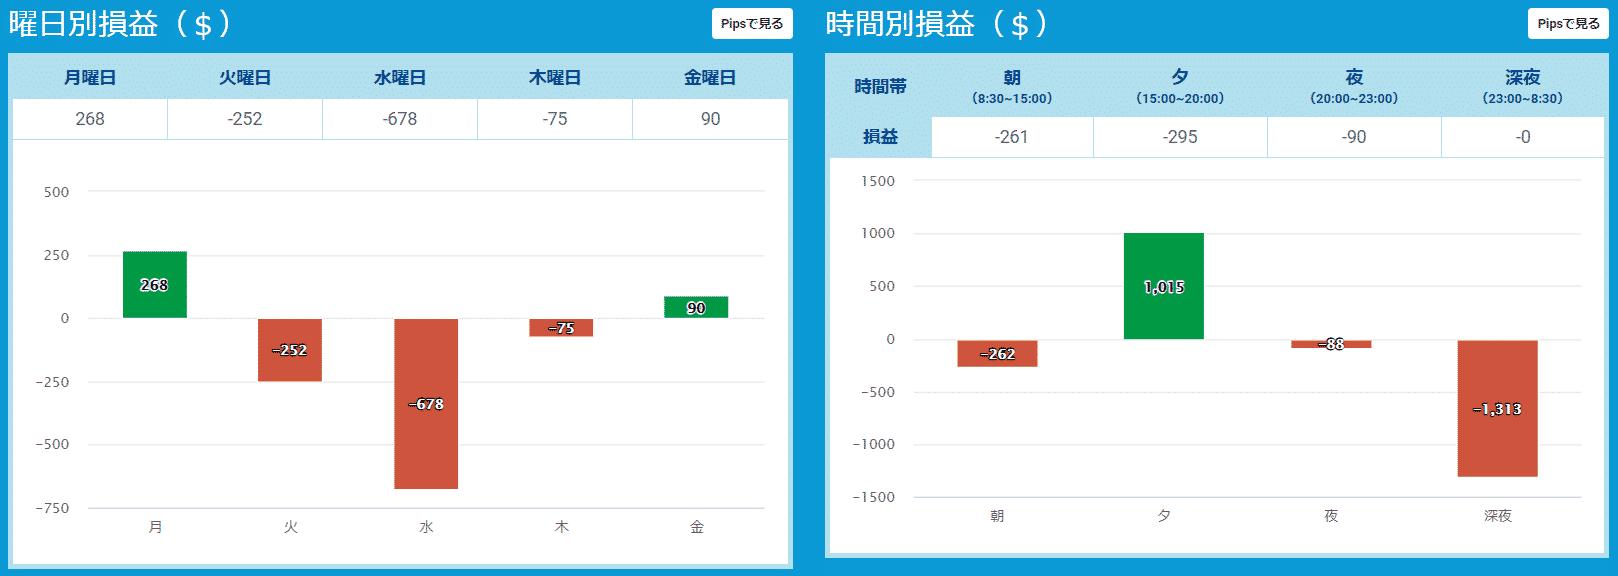 プロップトレーダーチャートHasegawa2